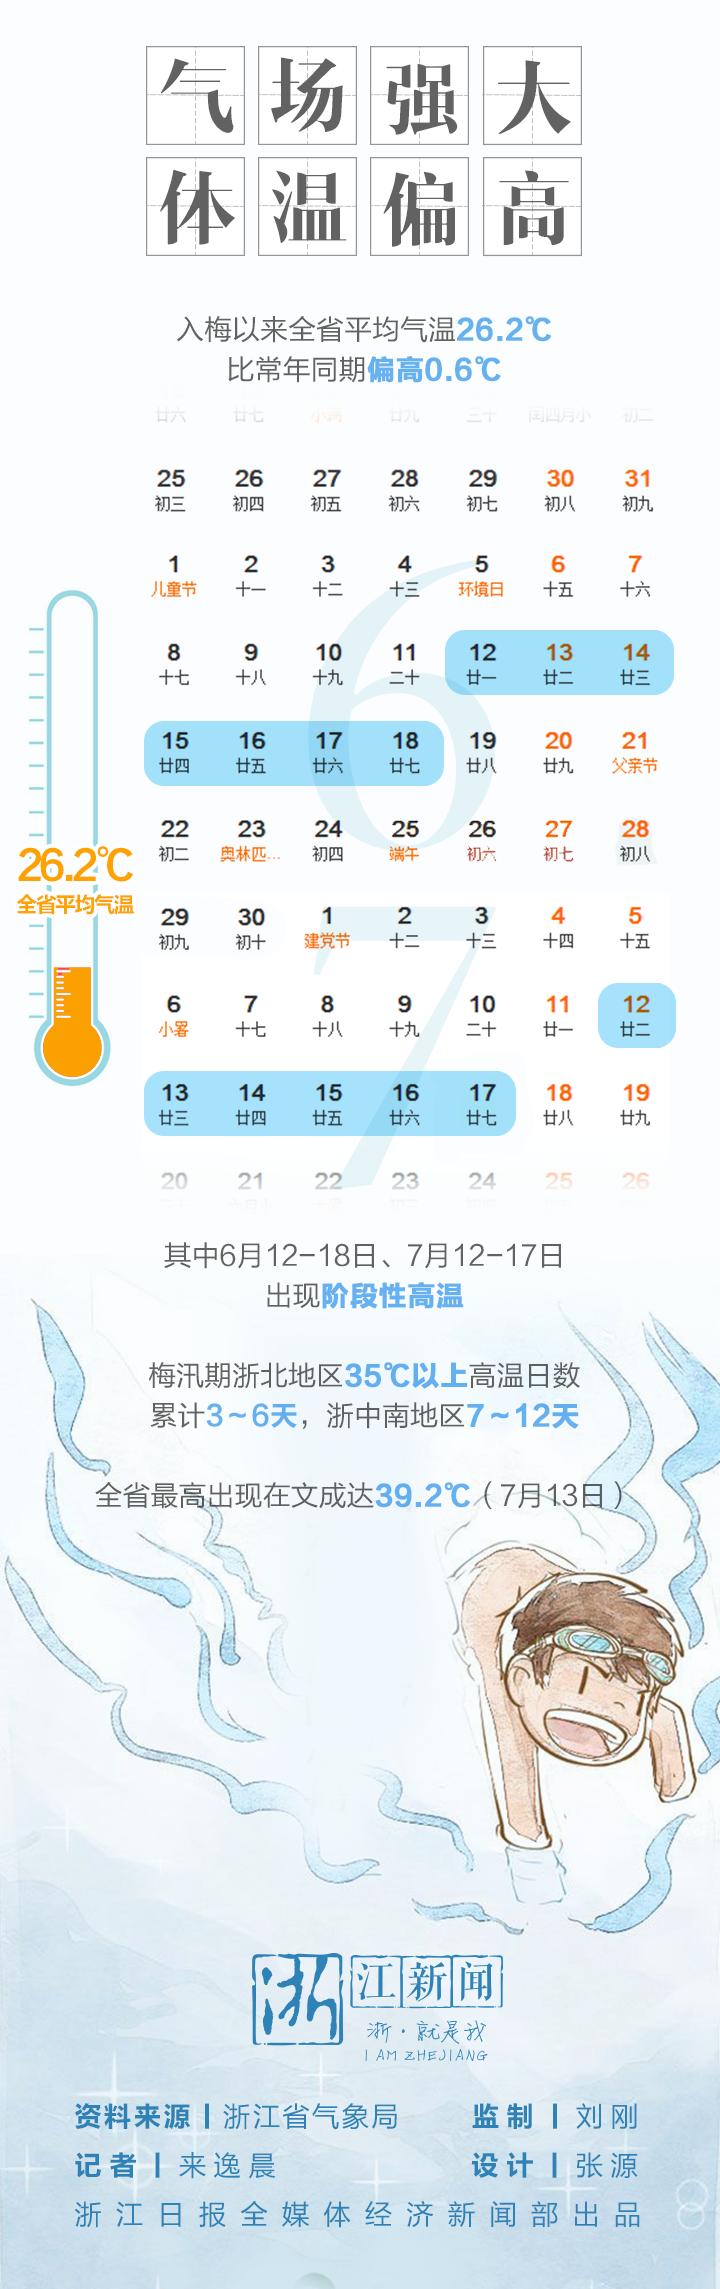 梅雨_03.png